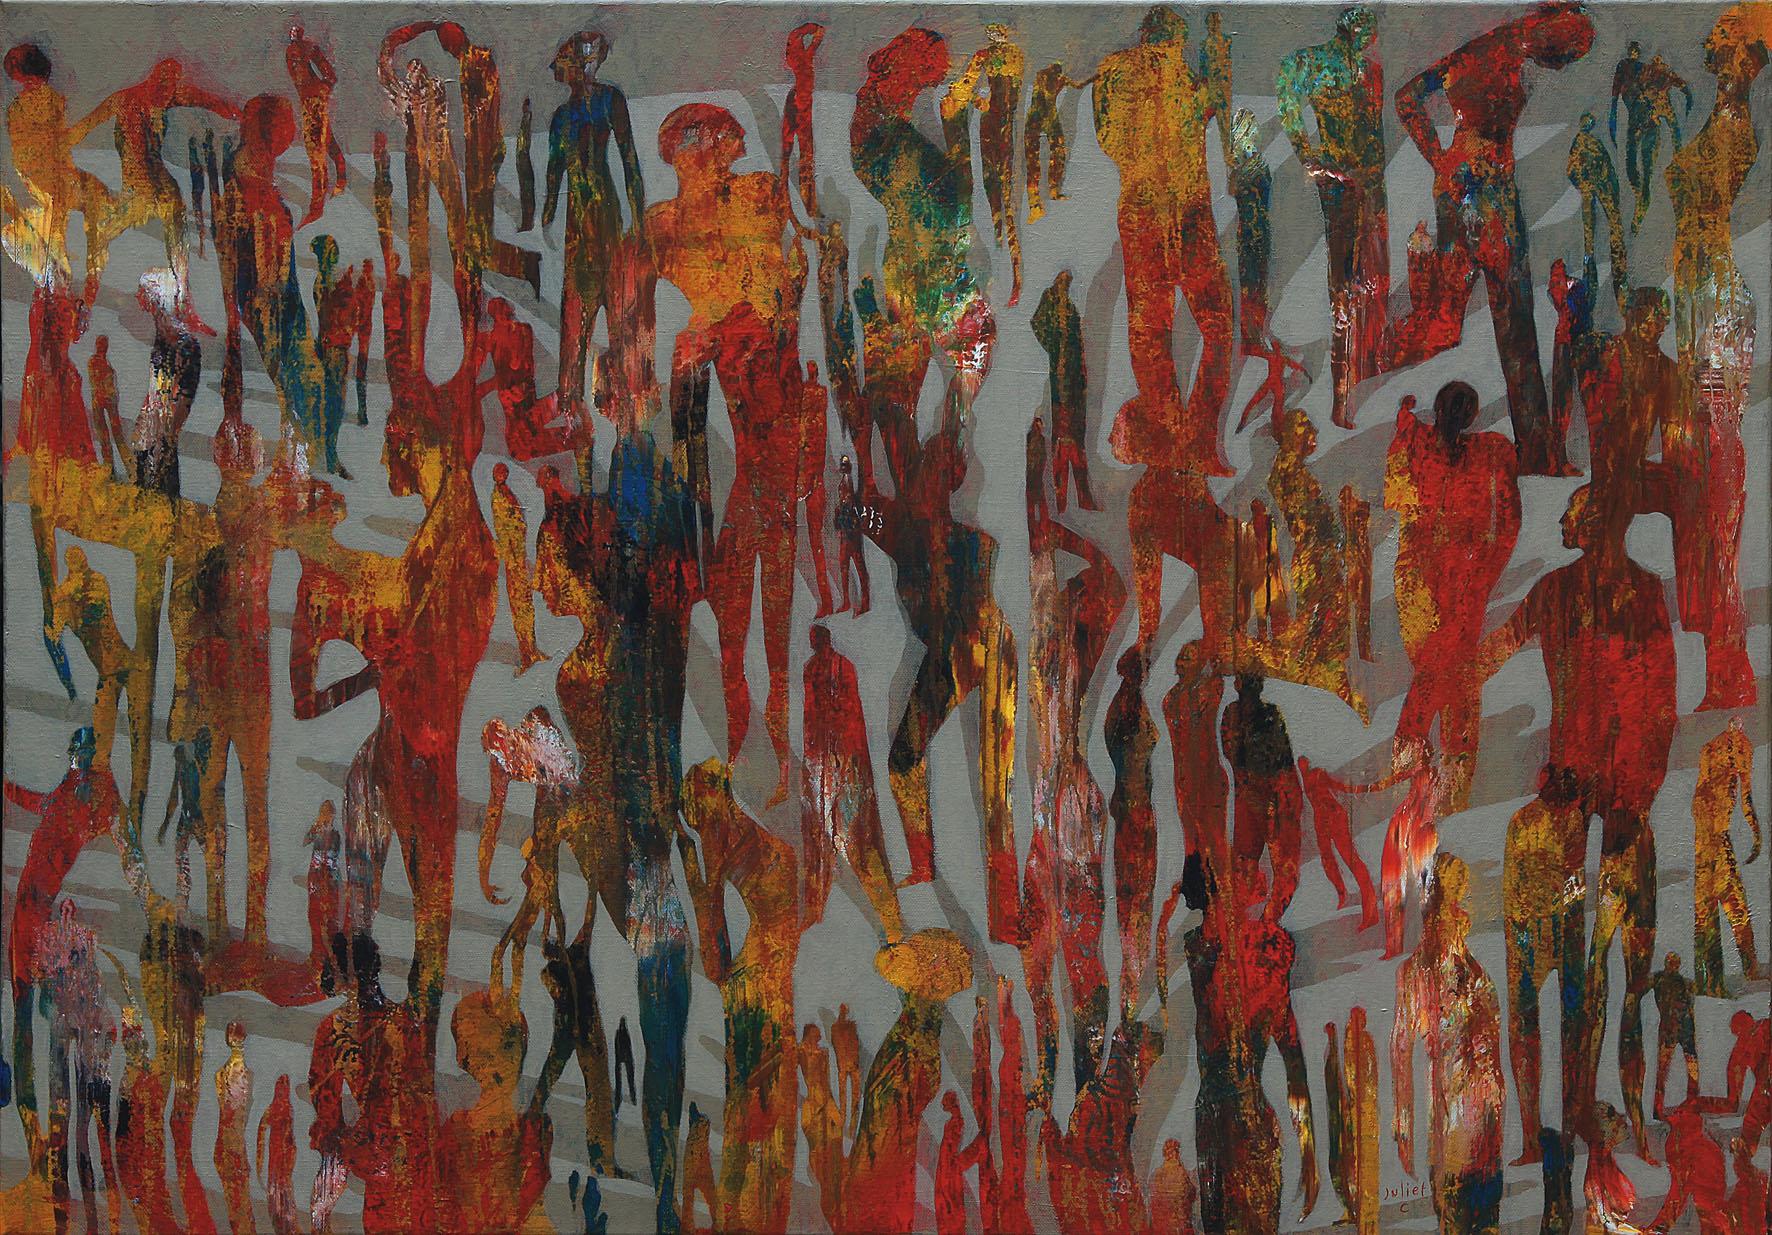 UN JOUR ENTIER PLACE D'OCTOBRE acrylique sur toile 70x100 cm